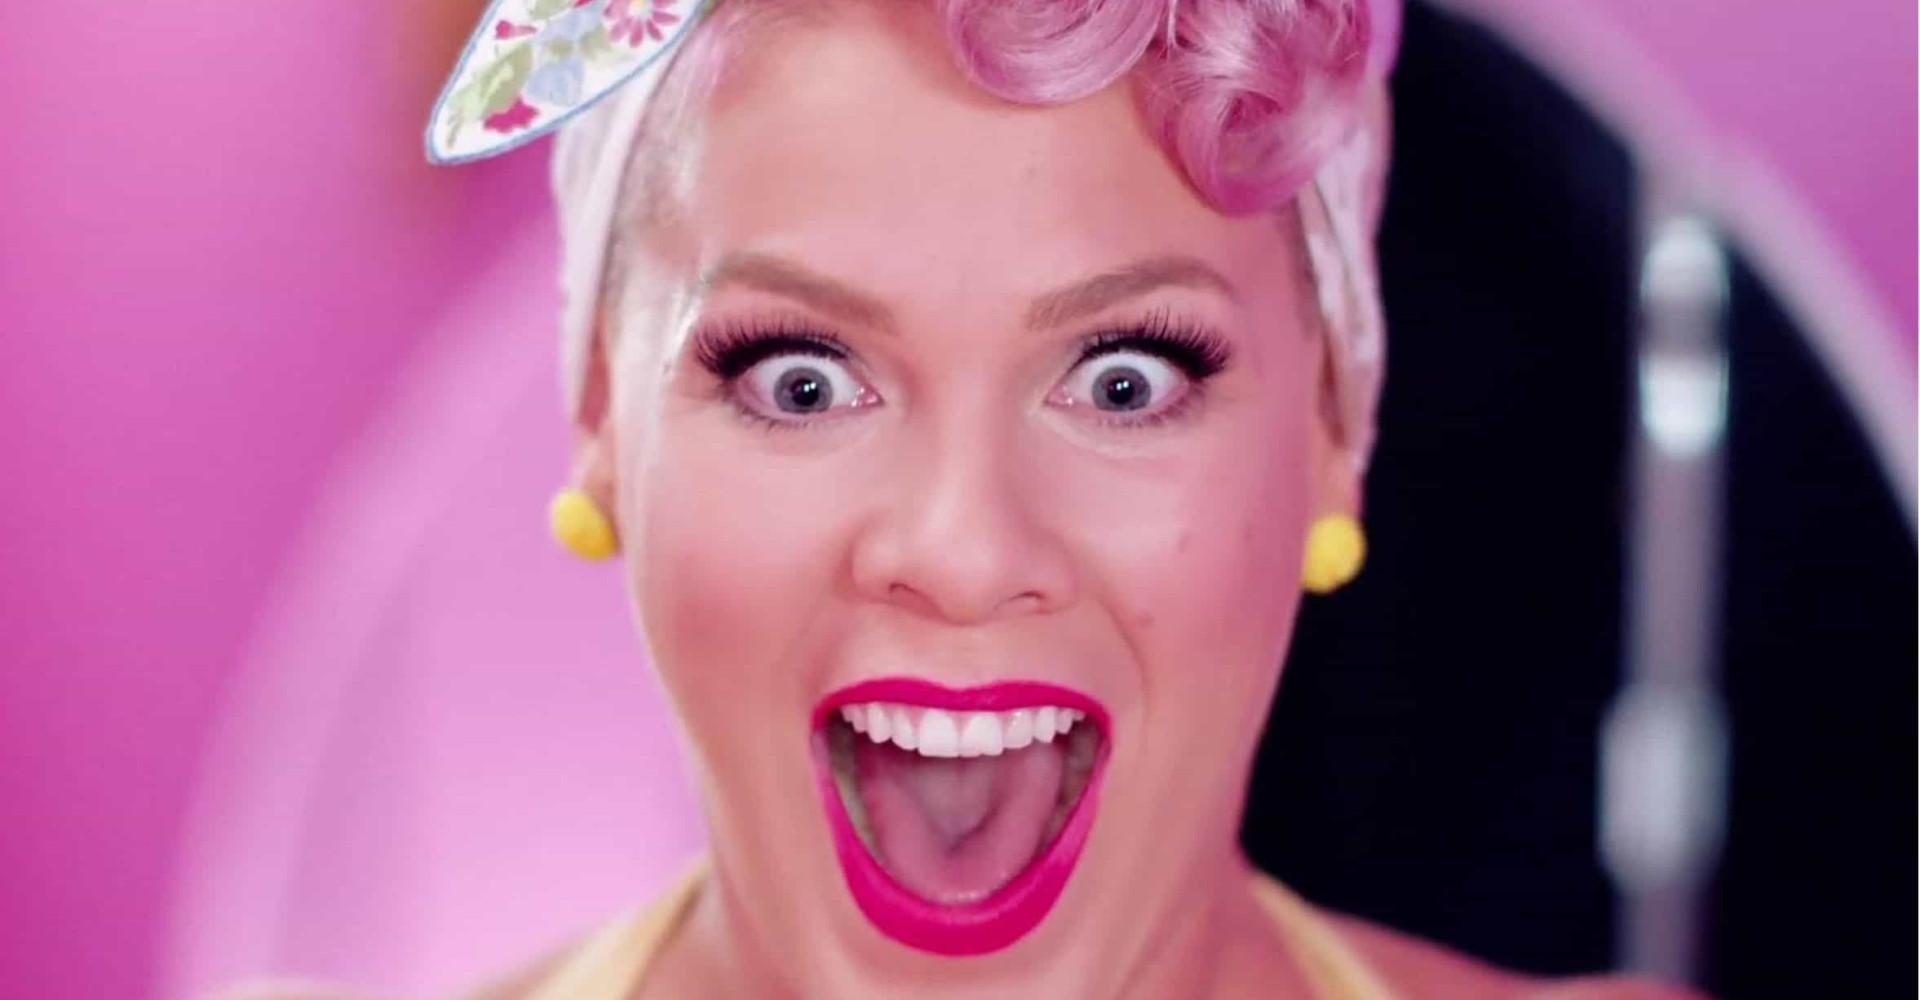 Pink er ren girl power: Sangerindens mest betydningsfulde øjeblikke og udtalelser